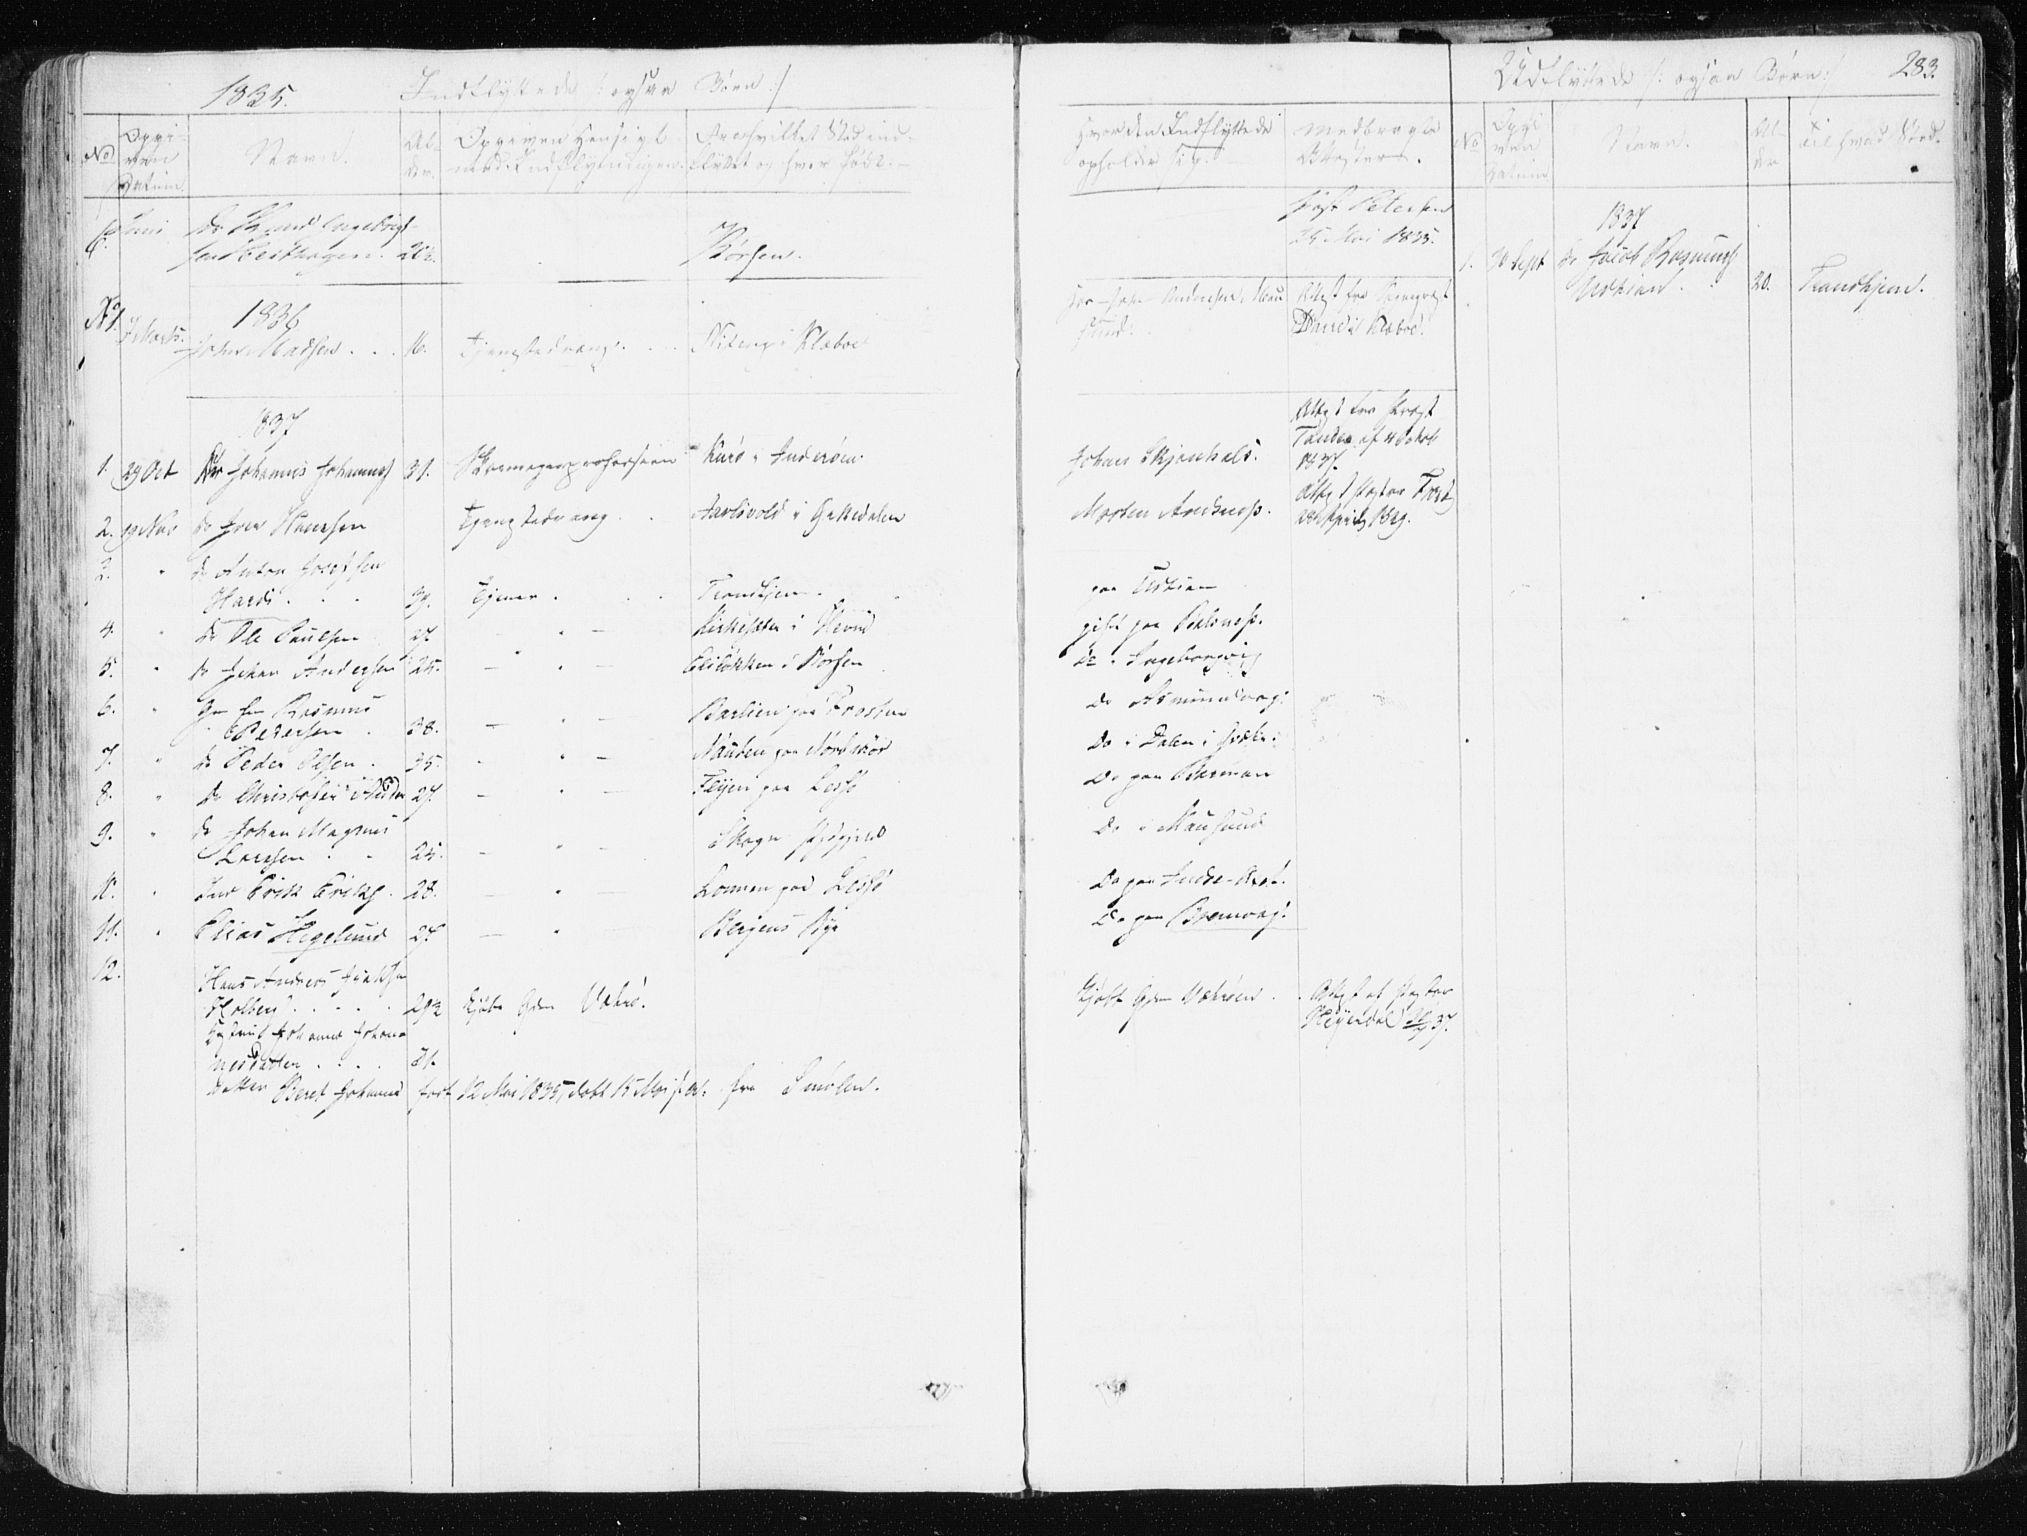 SAT, Ministerialprotokoller, klokkerbøker og fødselsregistre - Sør-Trøndelag, 634/L0528: Ministerialbok nr. 634A04, 1827-1842, s. 283